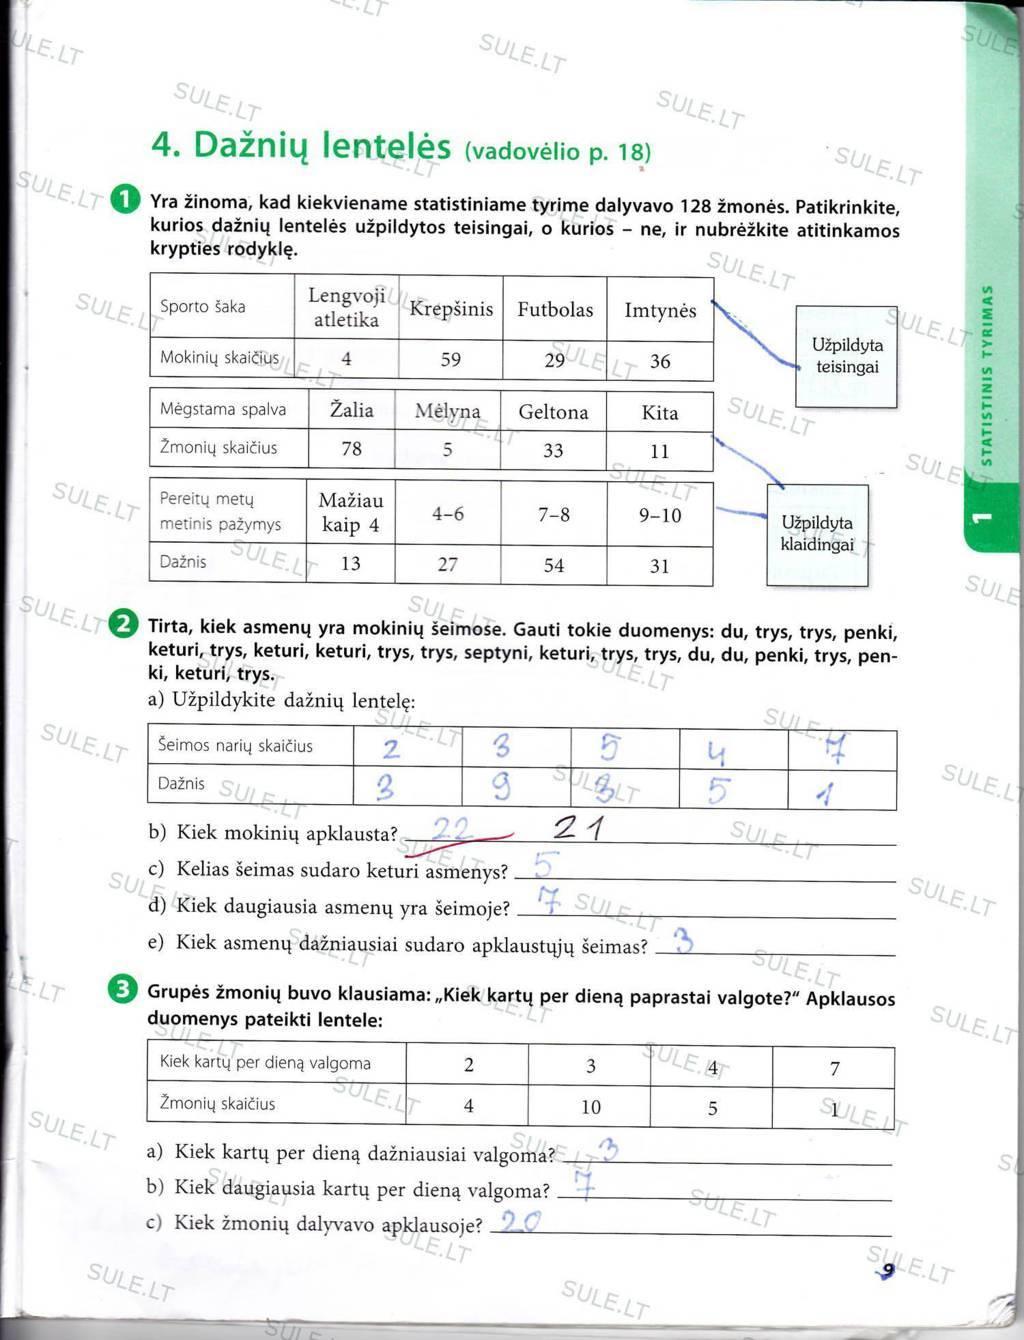 Peržiūrėti puslapį 7